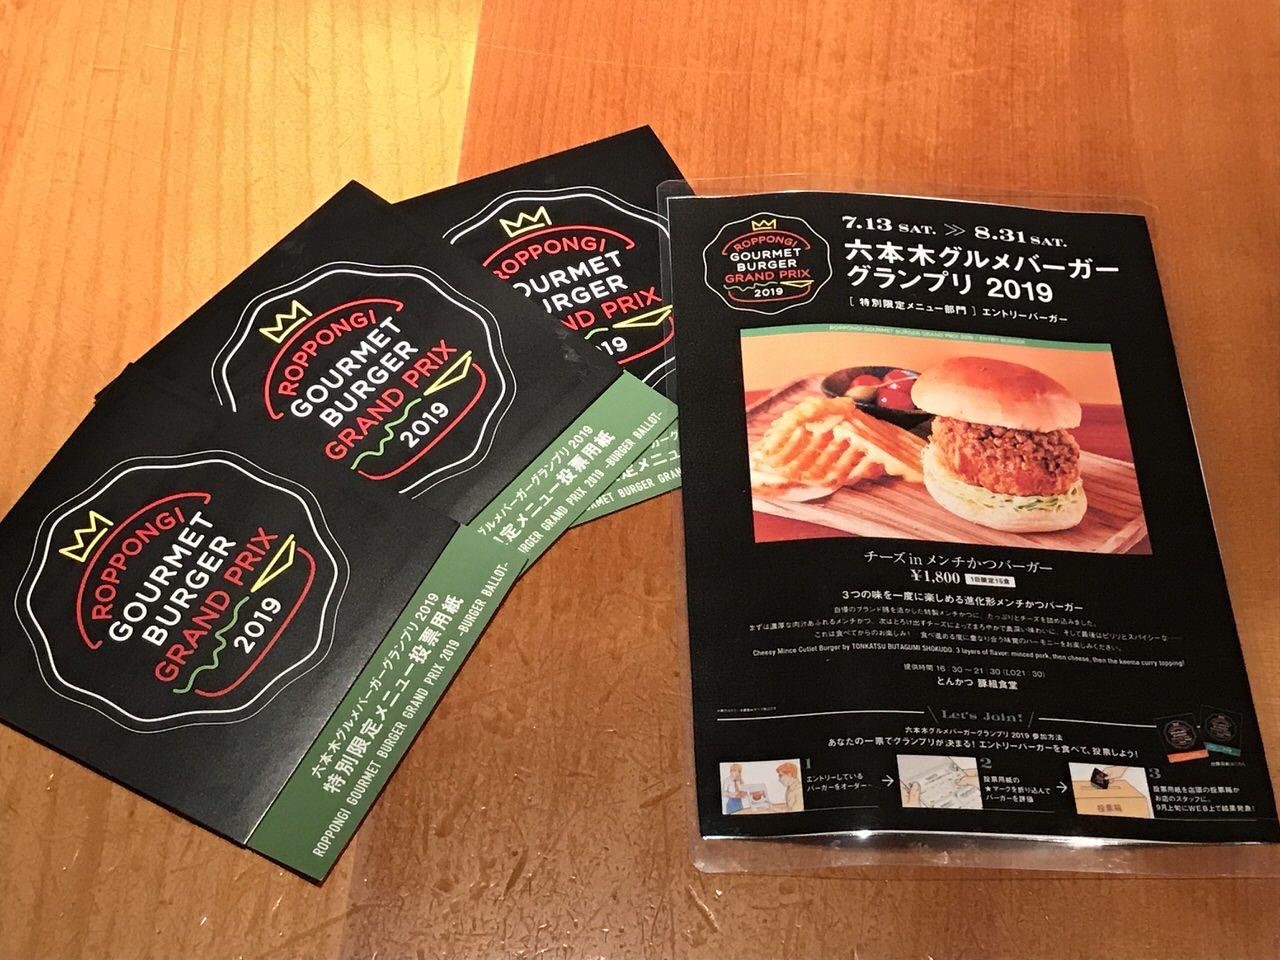 【豚組食堂】「チーズ in メンチかつバーガー」2